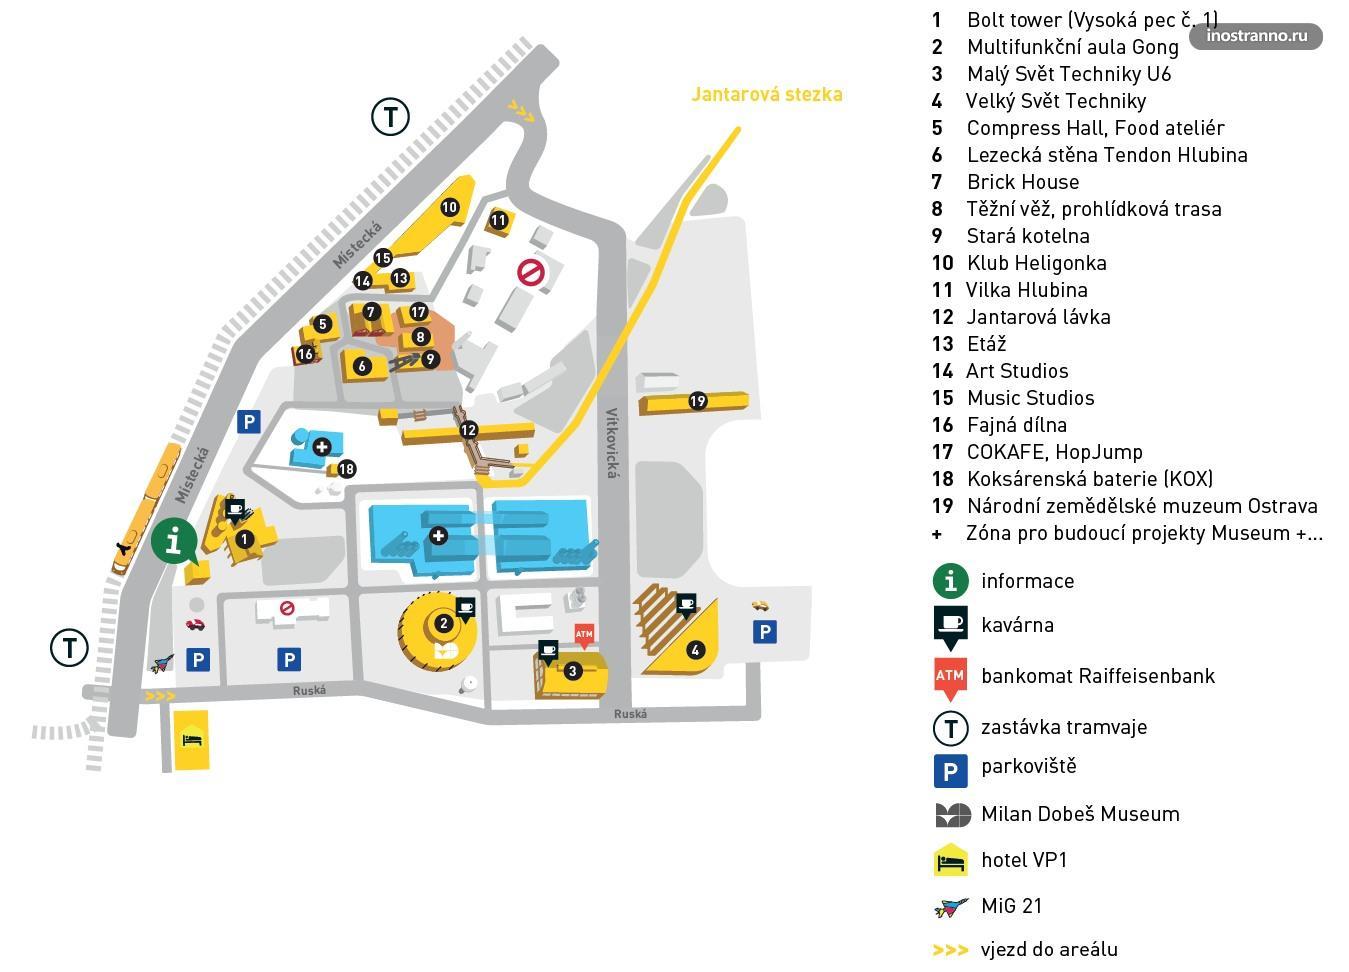 Долни Витковице карта, парковка и как добраться